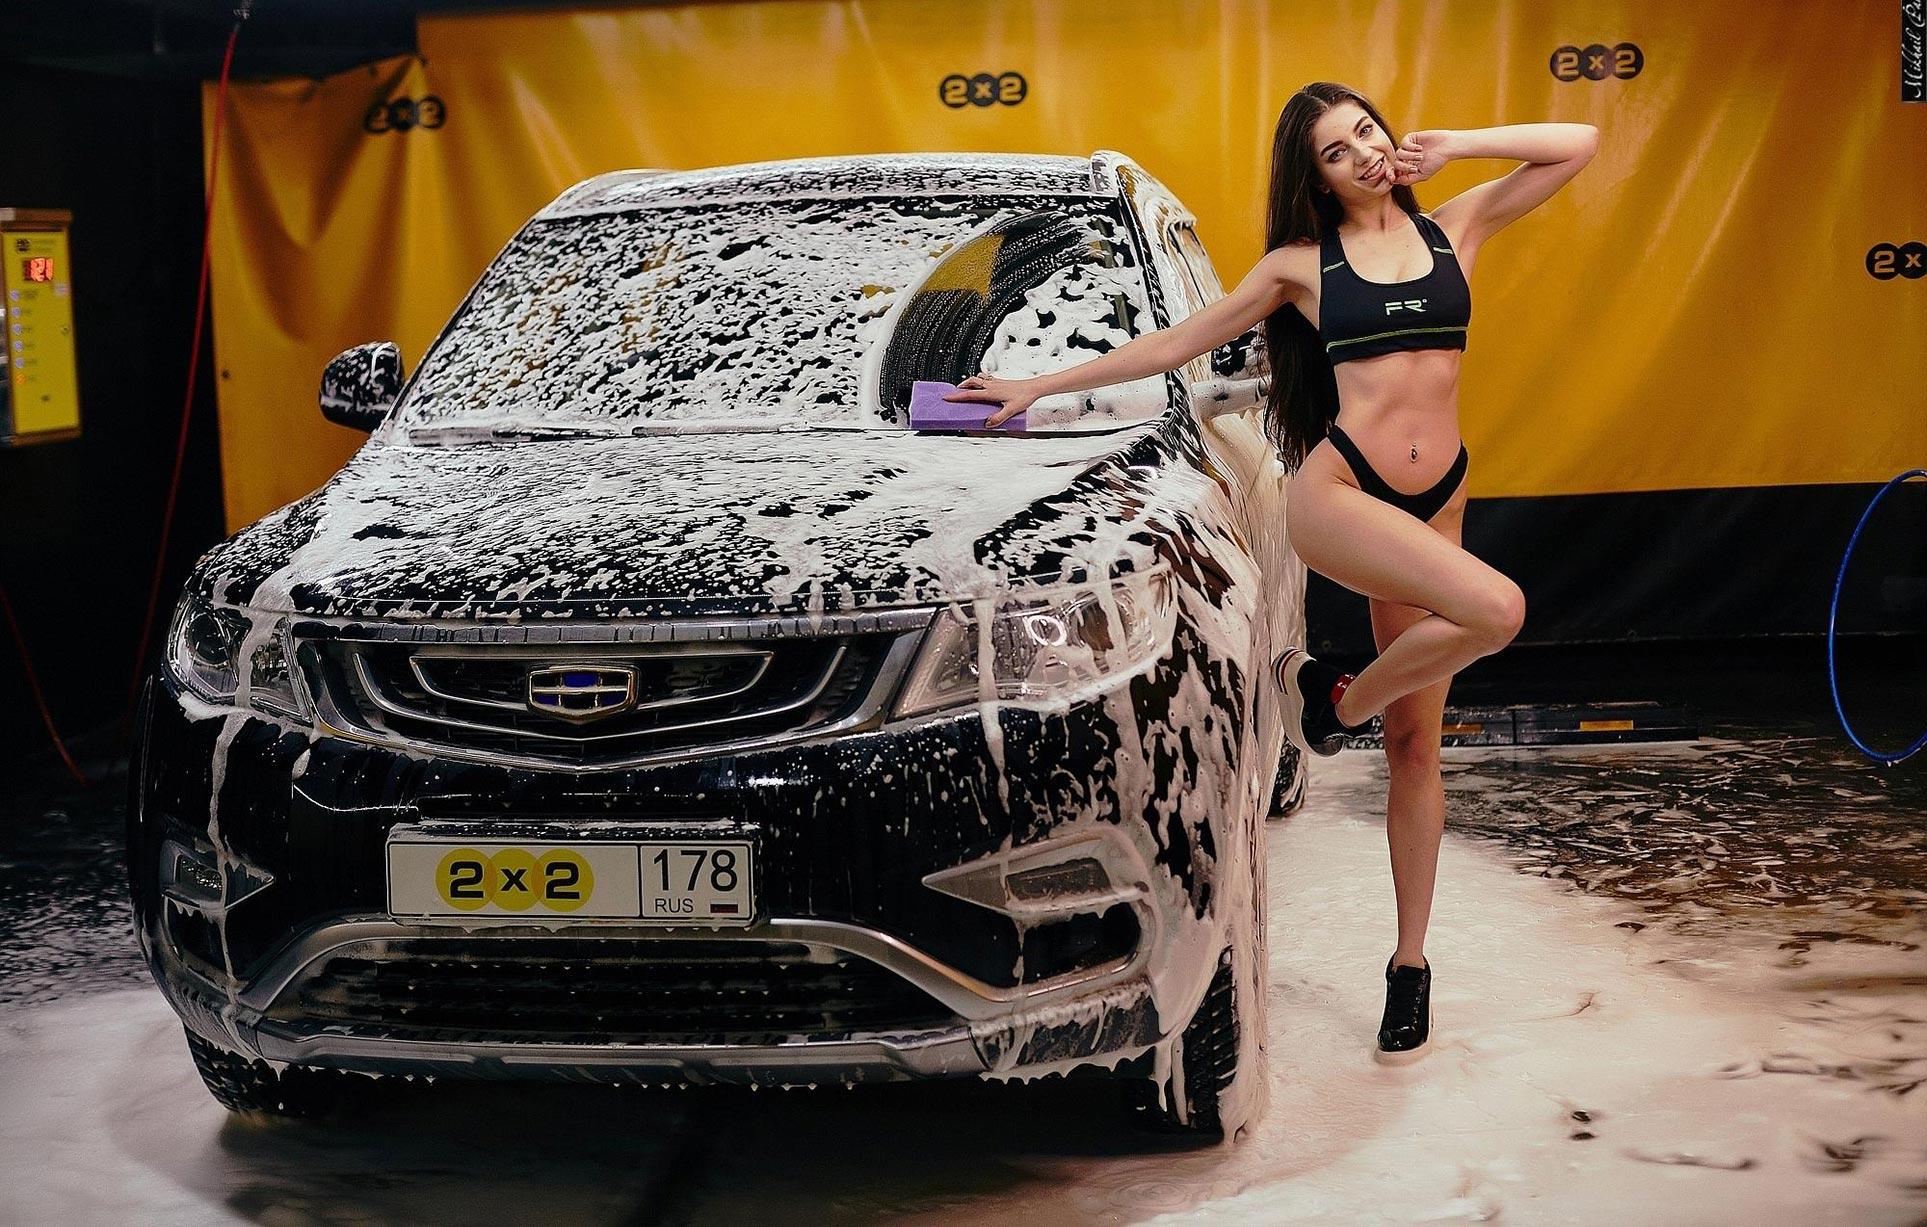 Анна Сазонова в купальнике моет машину / фото 05